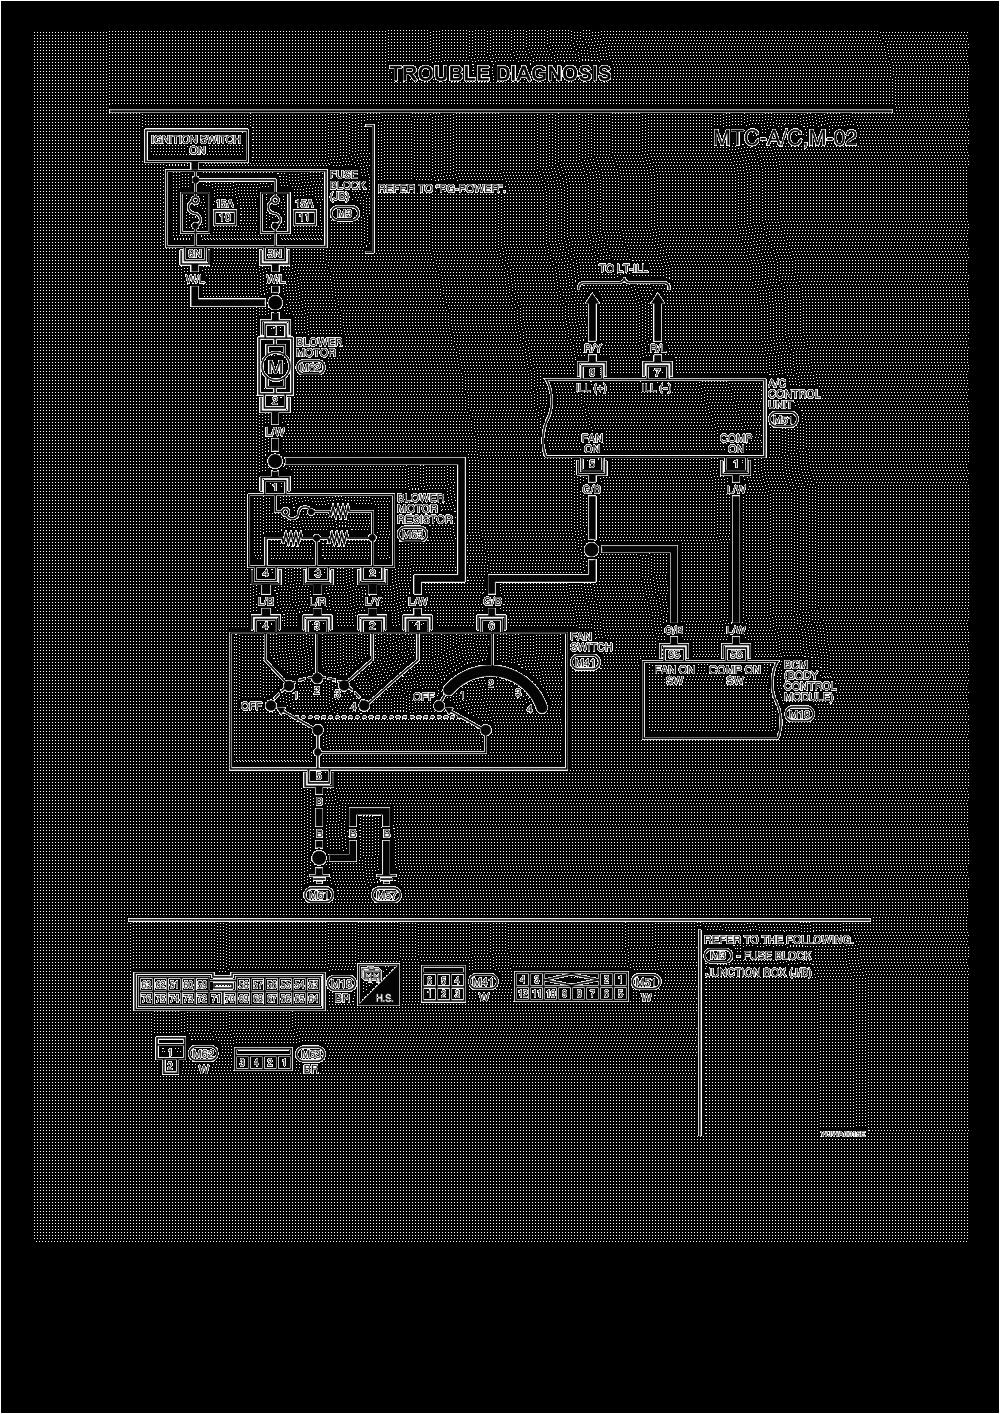 1997 toyota Corolla Radio Wiring Diagram Wrg 2586 2003 Camry Ac Wiring Diagram